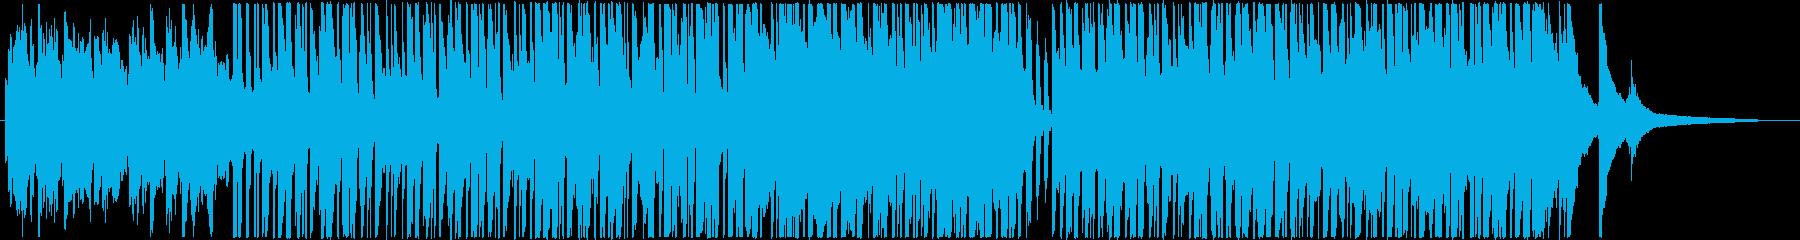 跳ねたリズムのかわいい系ピアノ曲の再生済みの波形